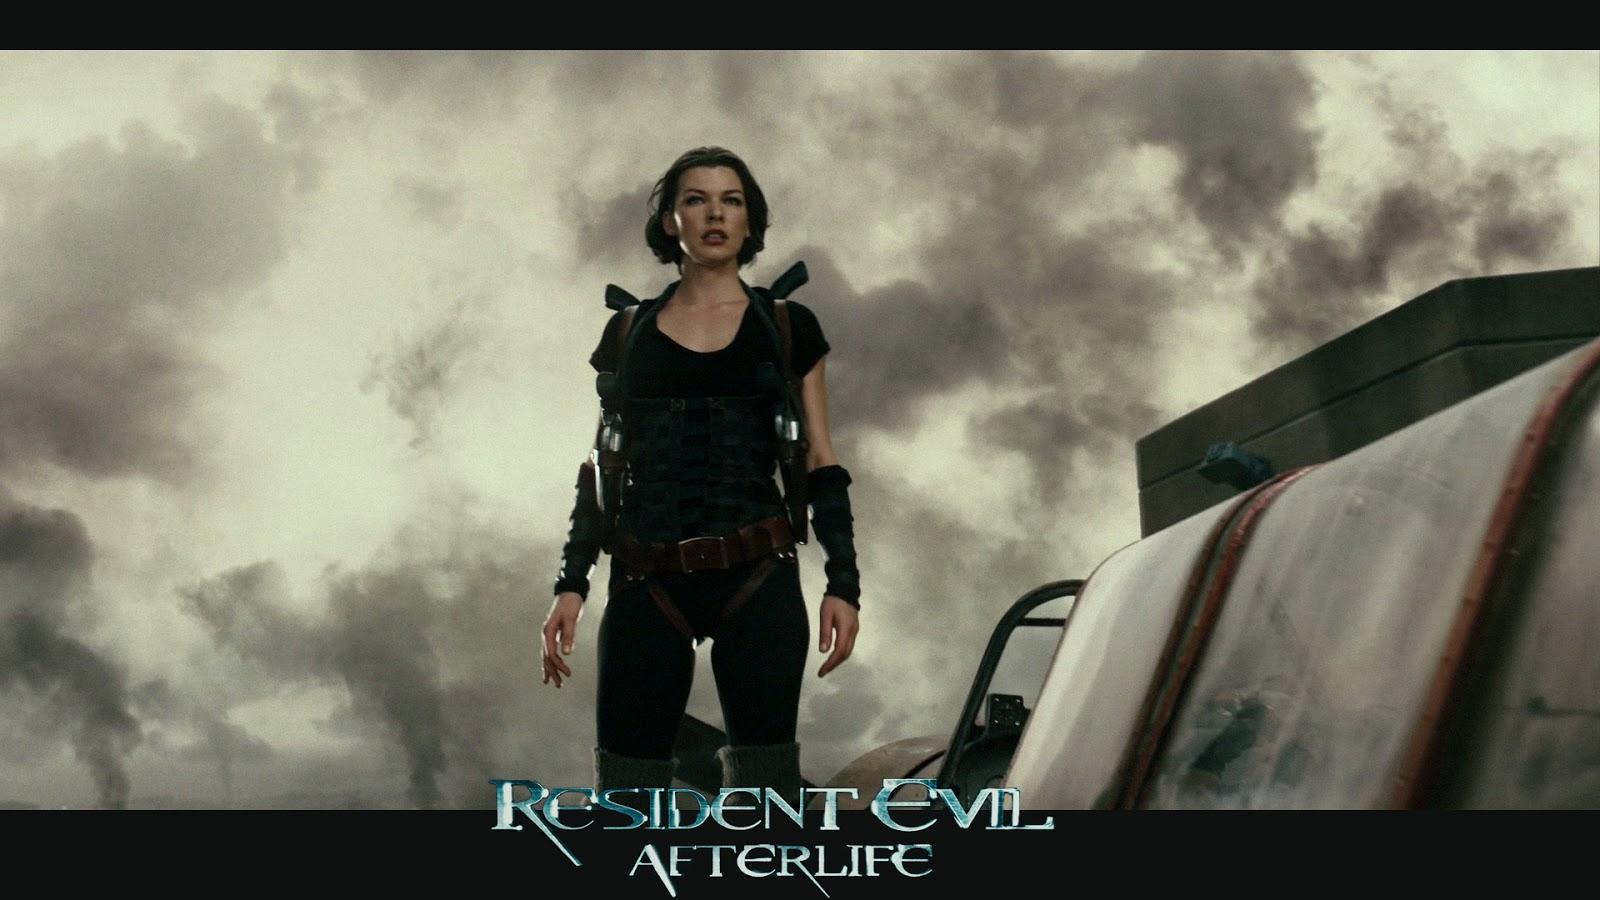 Resident evil 4 afterlife full movie 2010 - Resident evil afterlife wallpaper ...